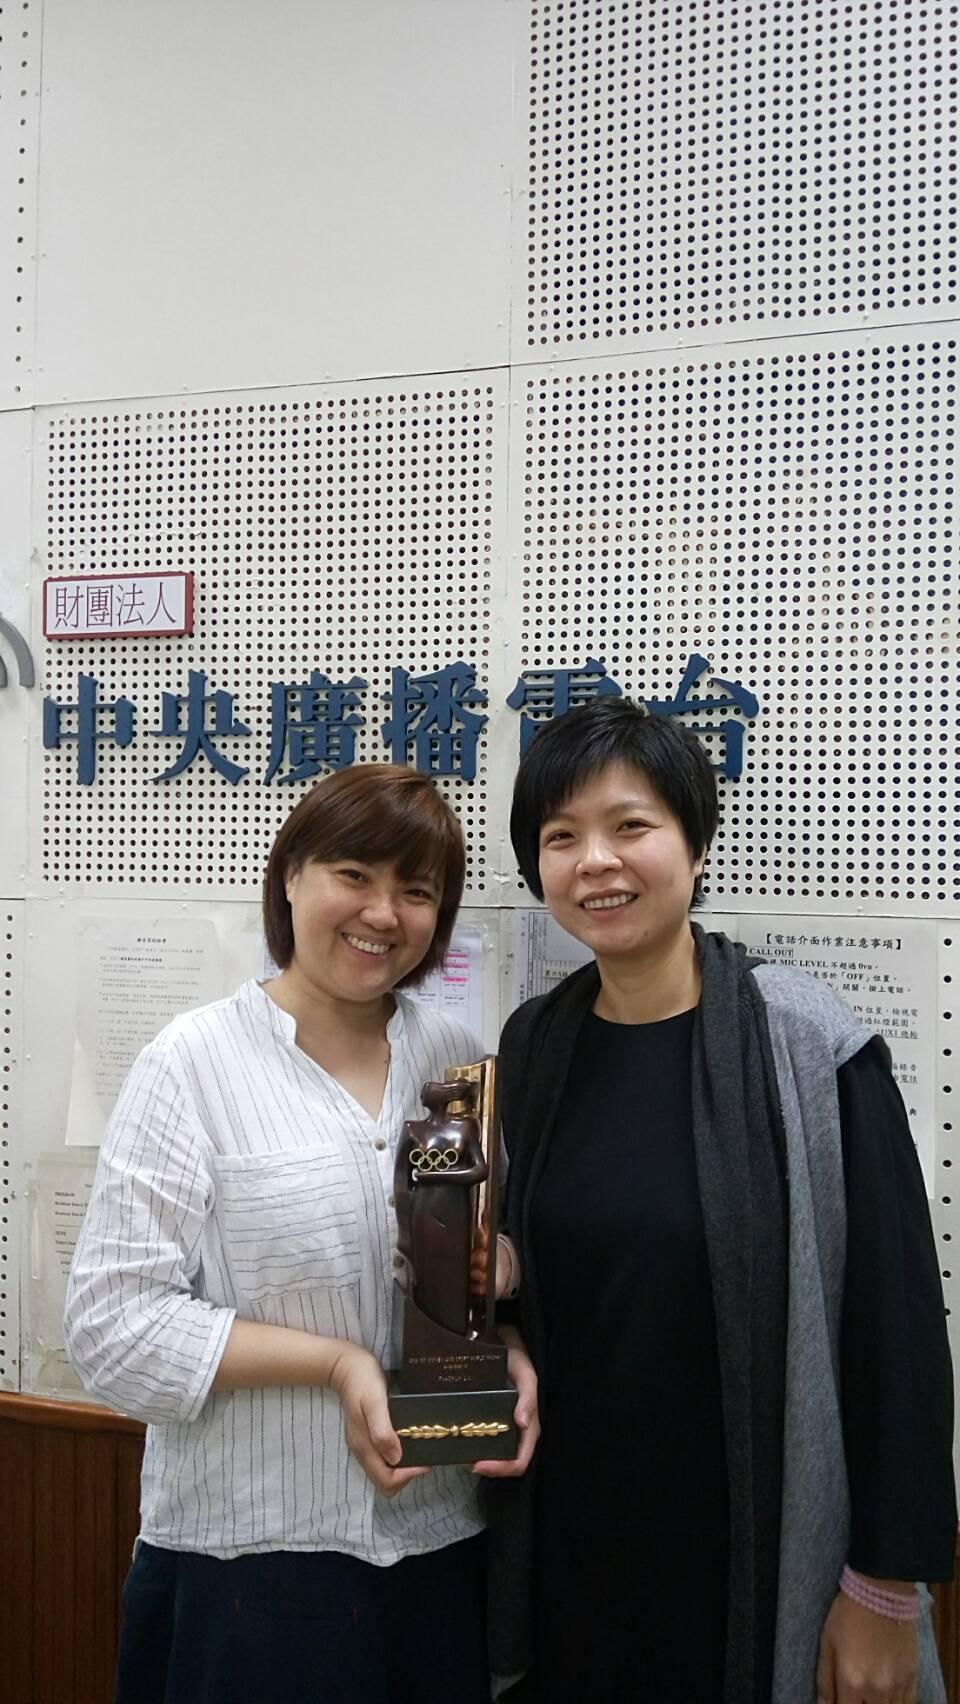 國際奧會女性與體育獎得主劉柏君